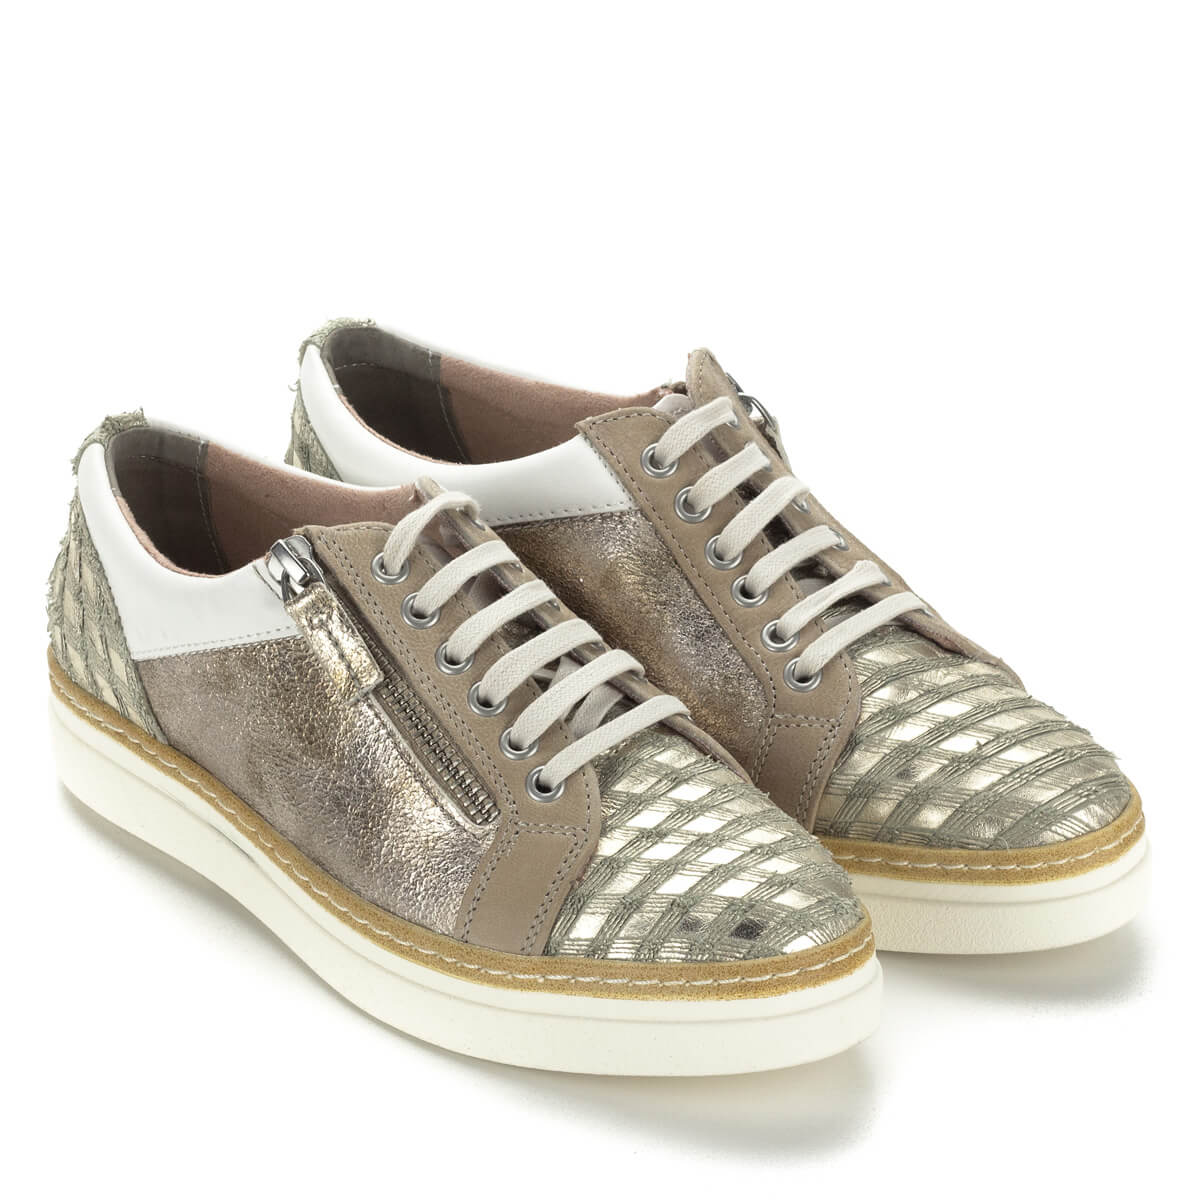 Sneaker webáruház - Női sneaker cipők ingyenes szállítással c1f1a6476e